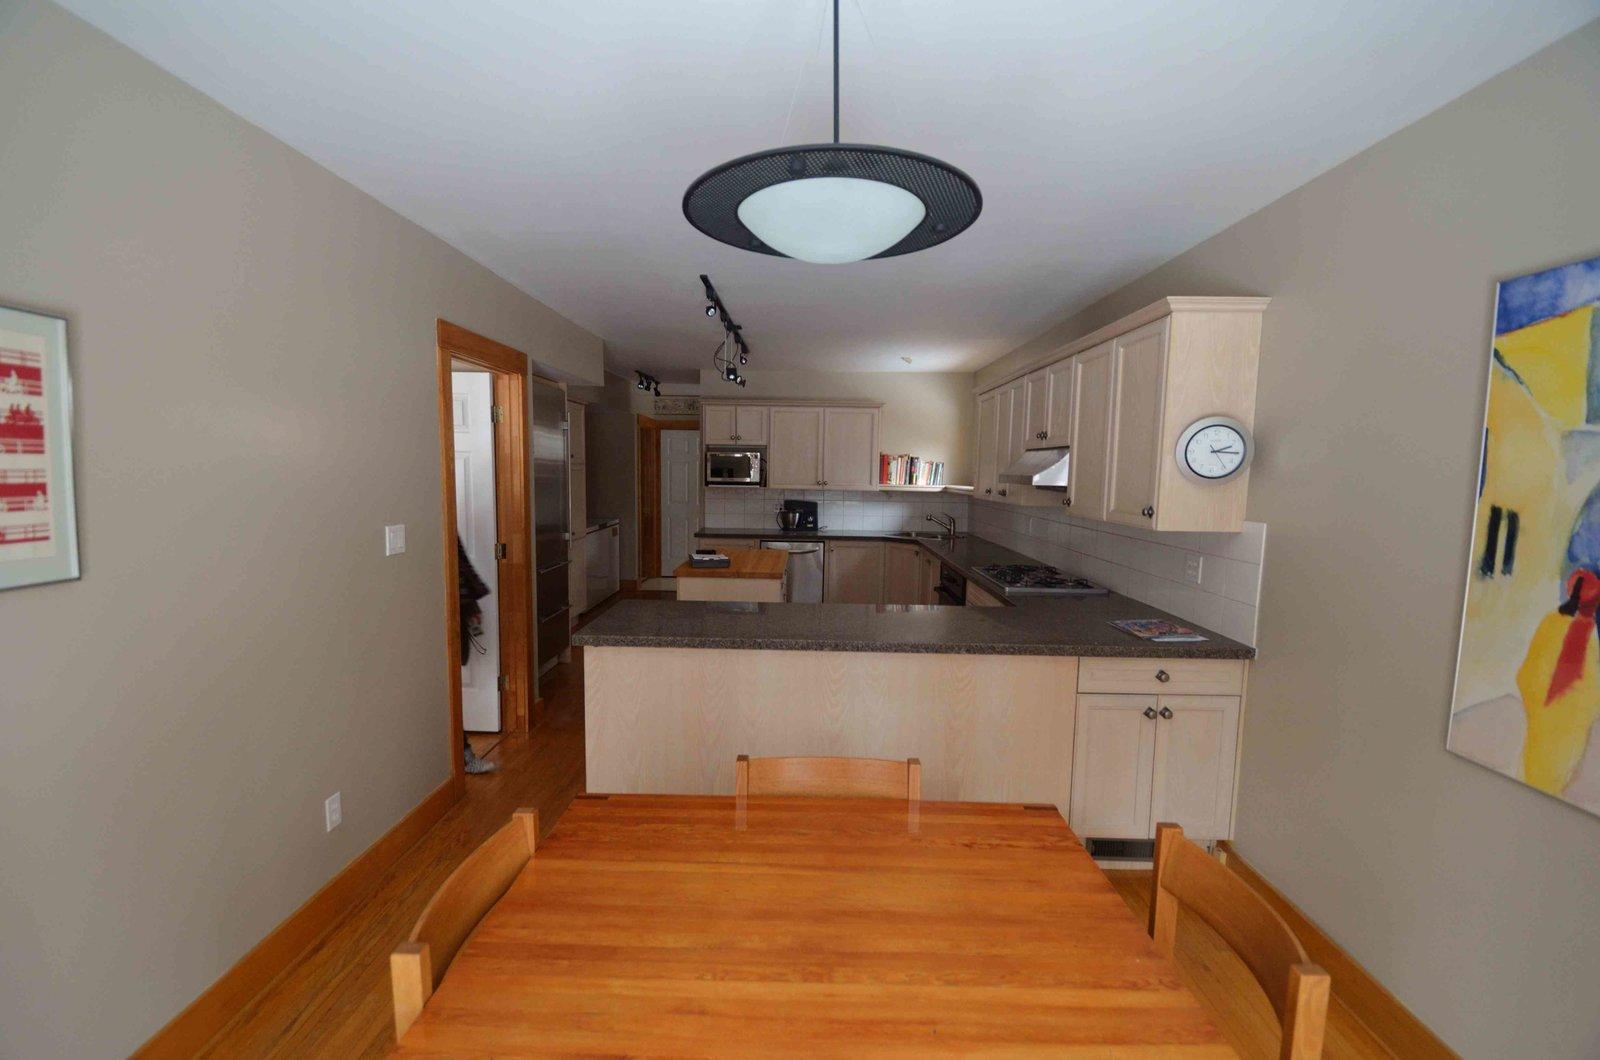 Kitchen - Before Re-Model  Crestwood Re-Model by Mindy Gudzinski Design